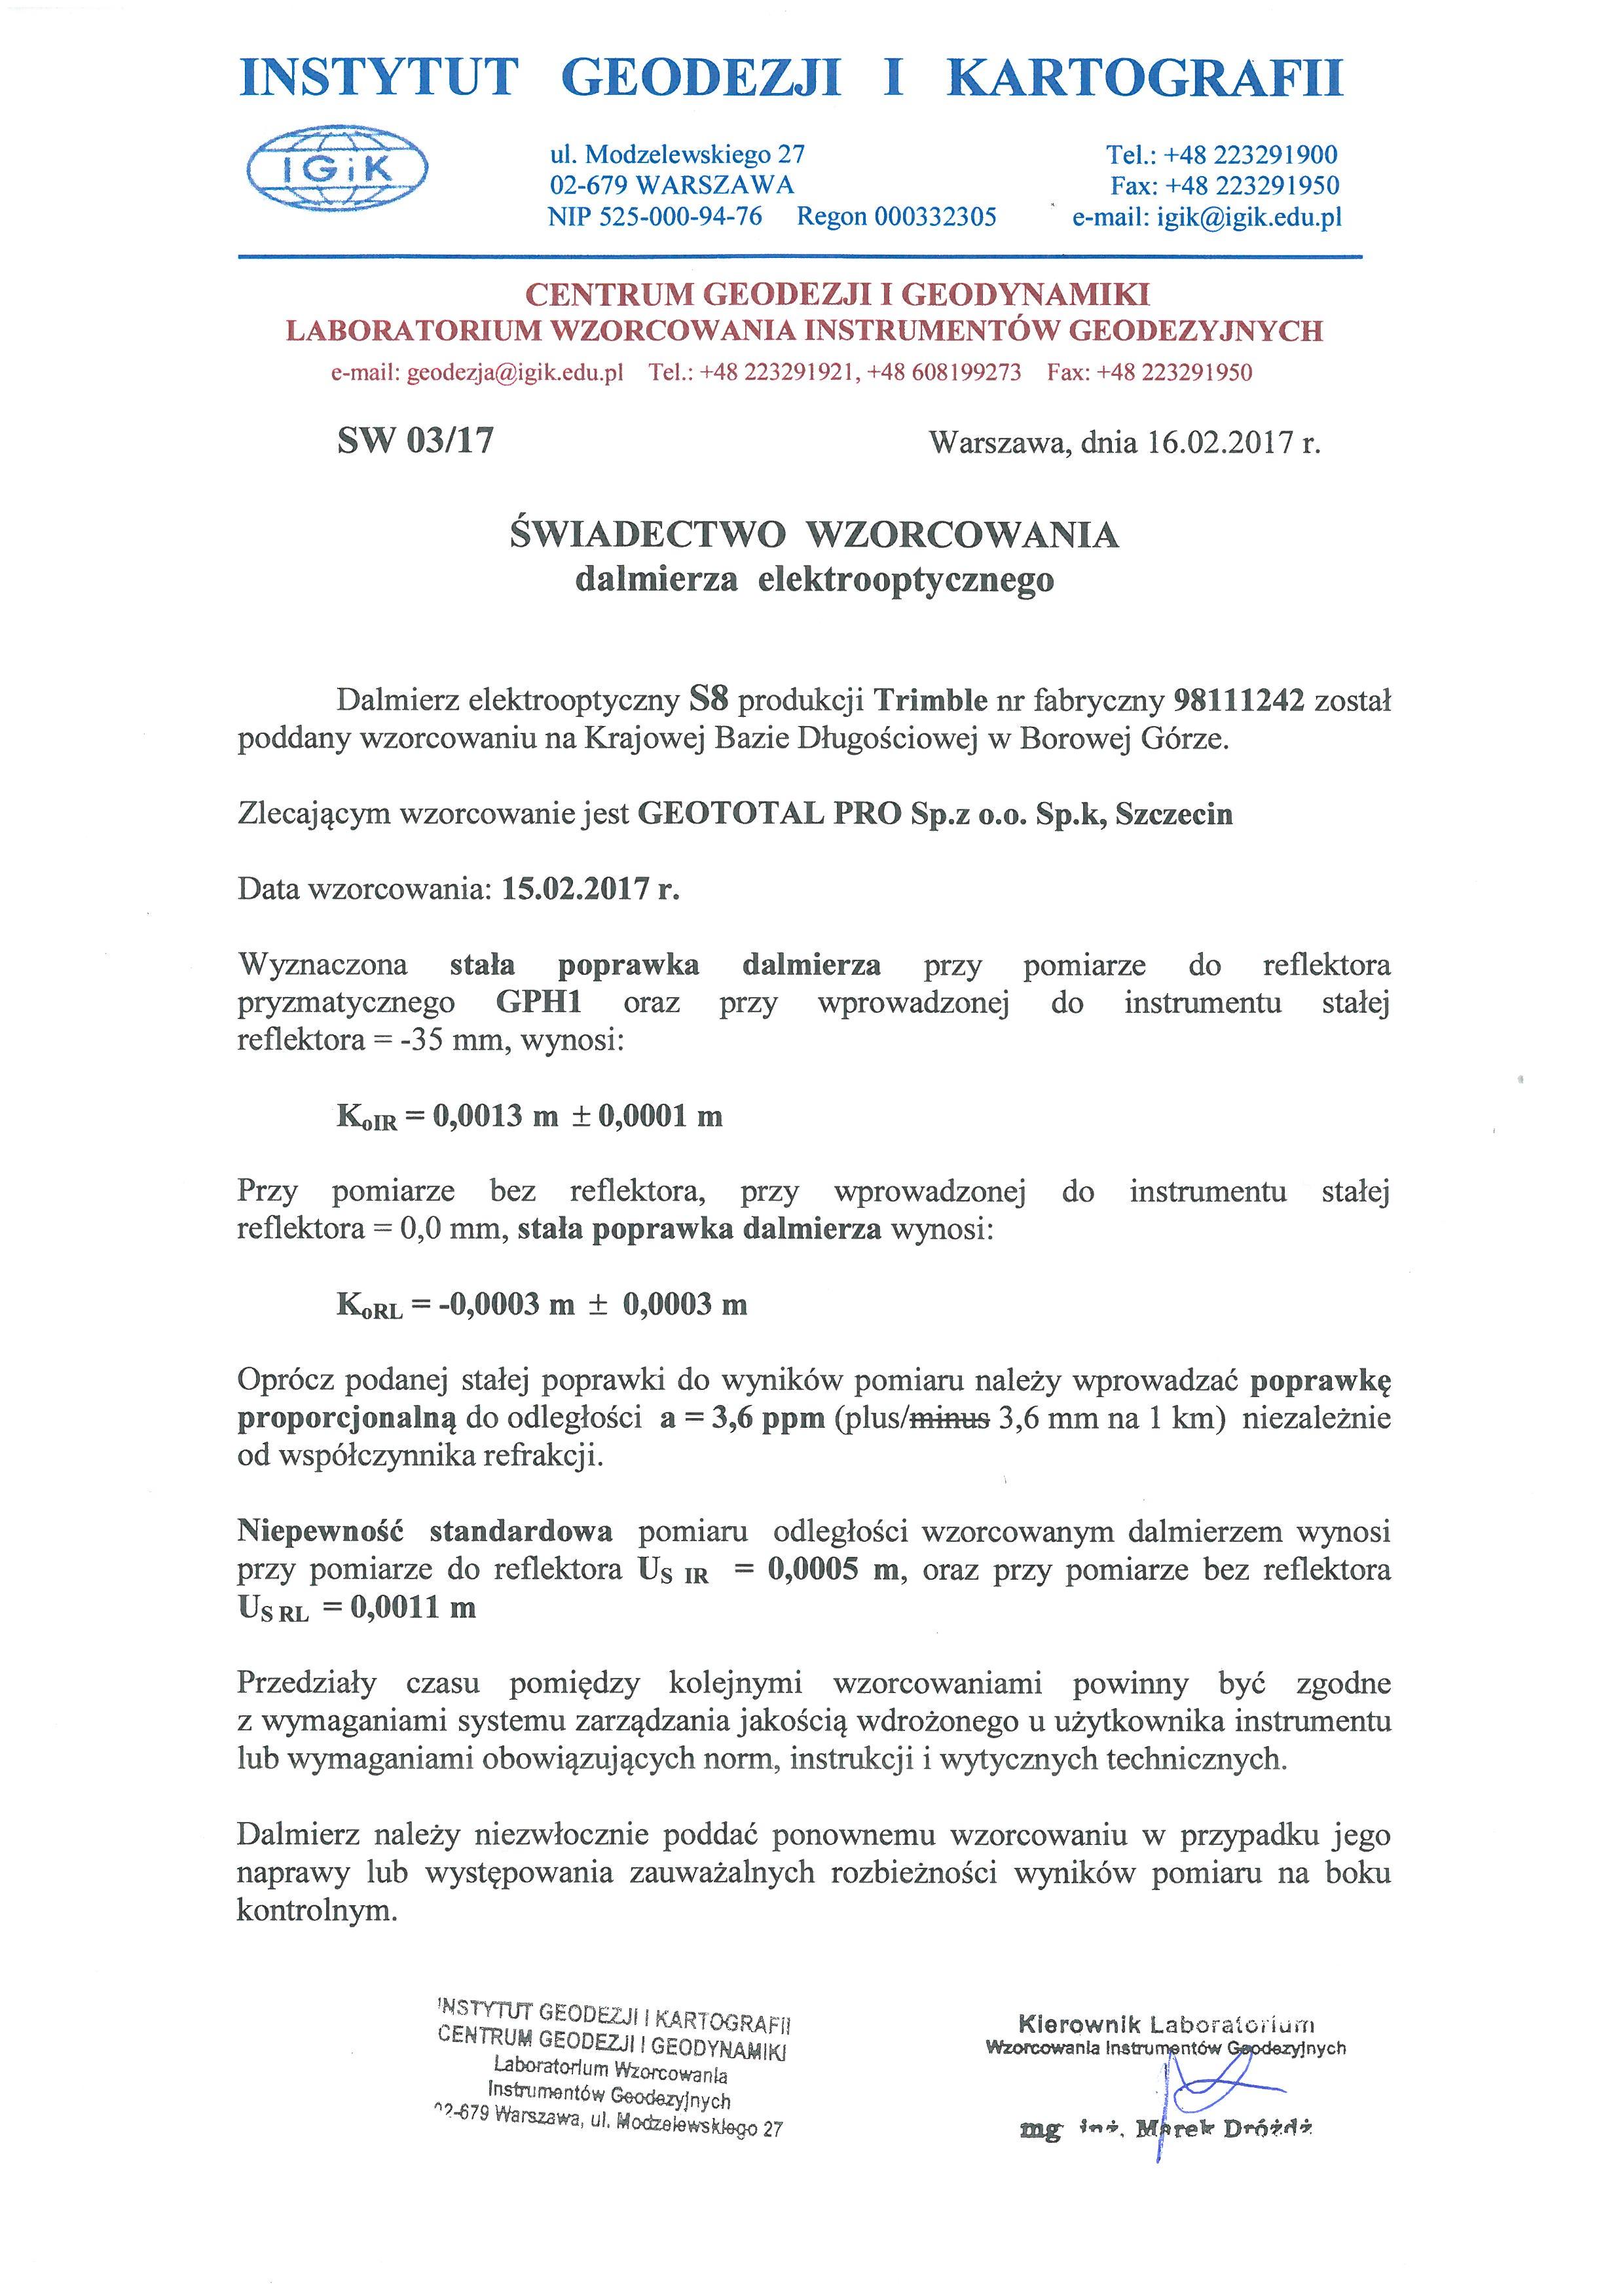 S8_dalmierz